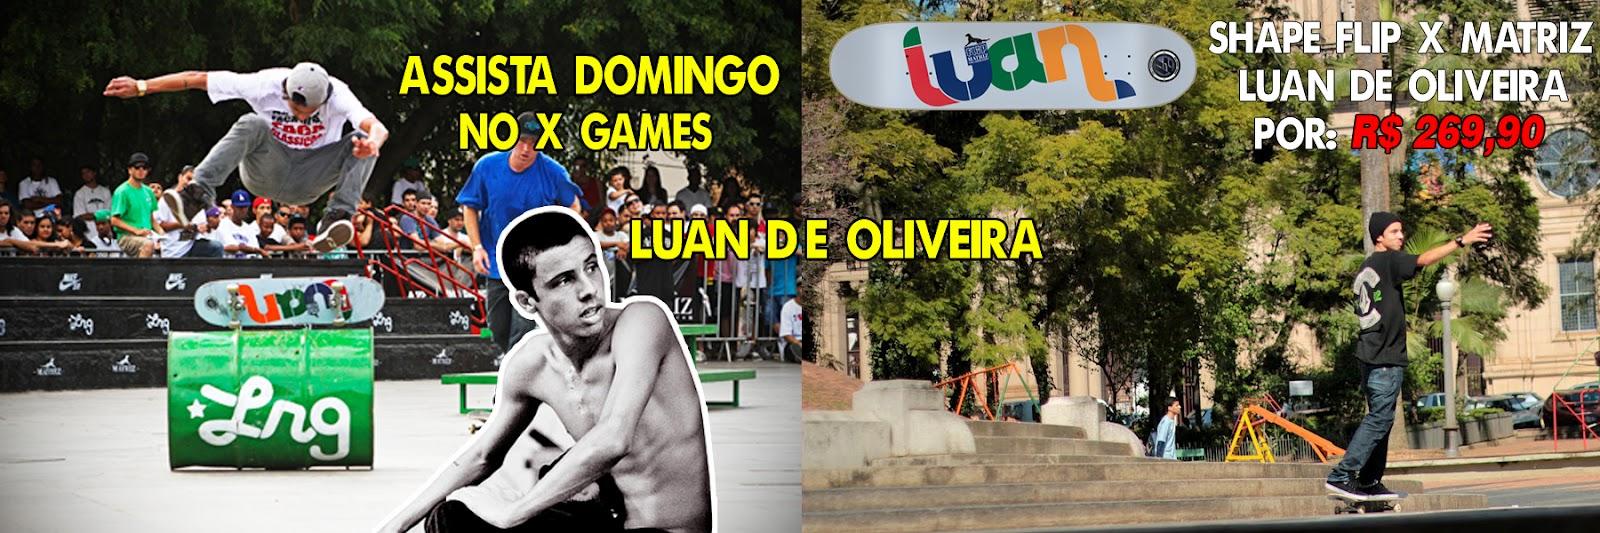 ccc40356c96a7 Aproveite para conferir o shape Luan de Oliveira colab FLIP X Matriz Skate  Shop clicando Aqui